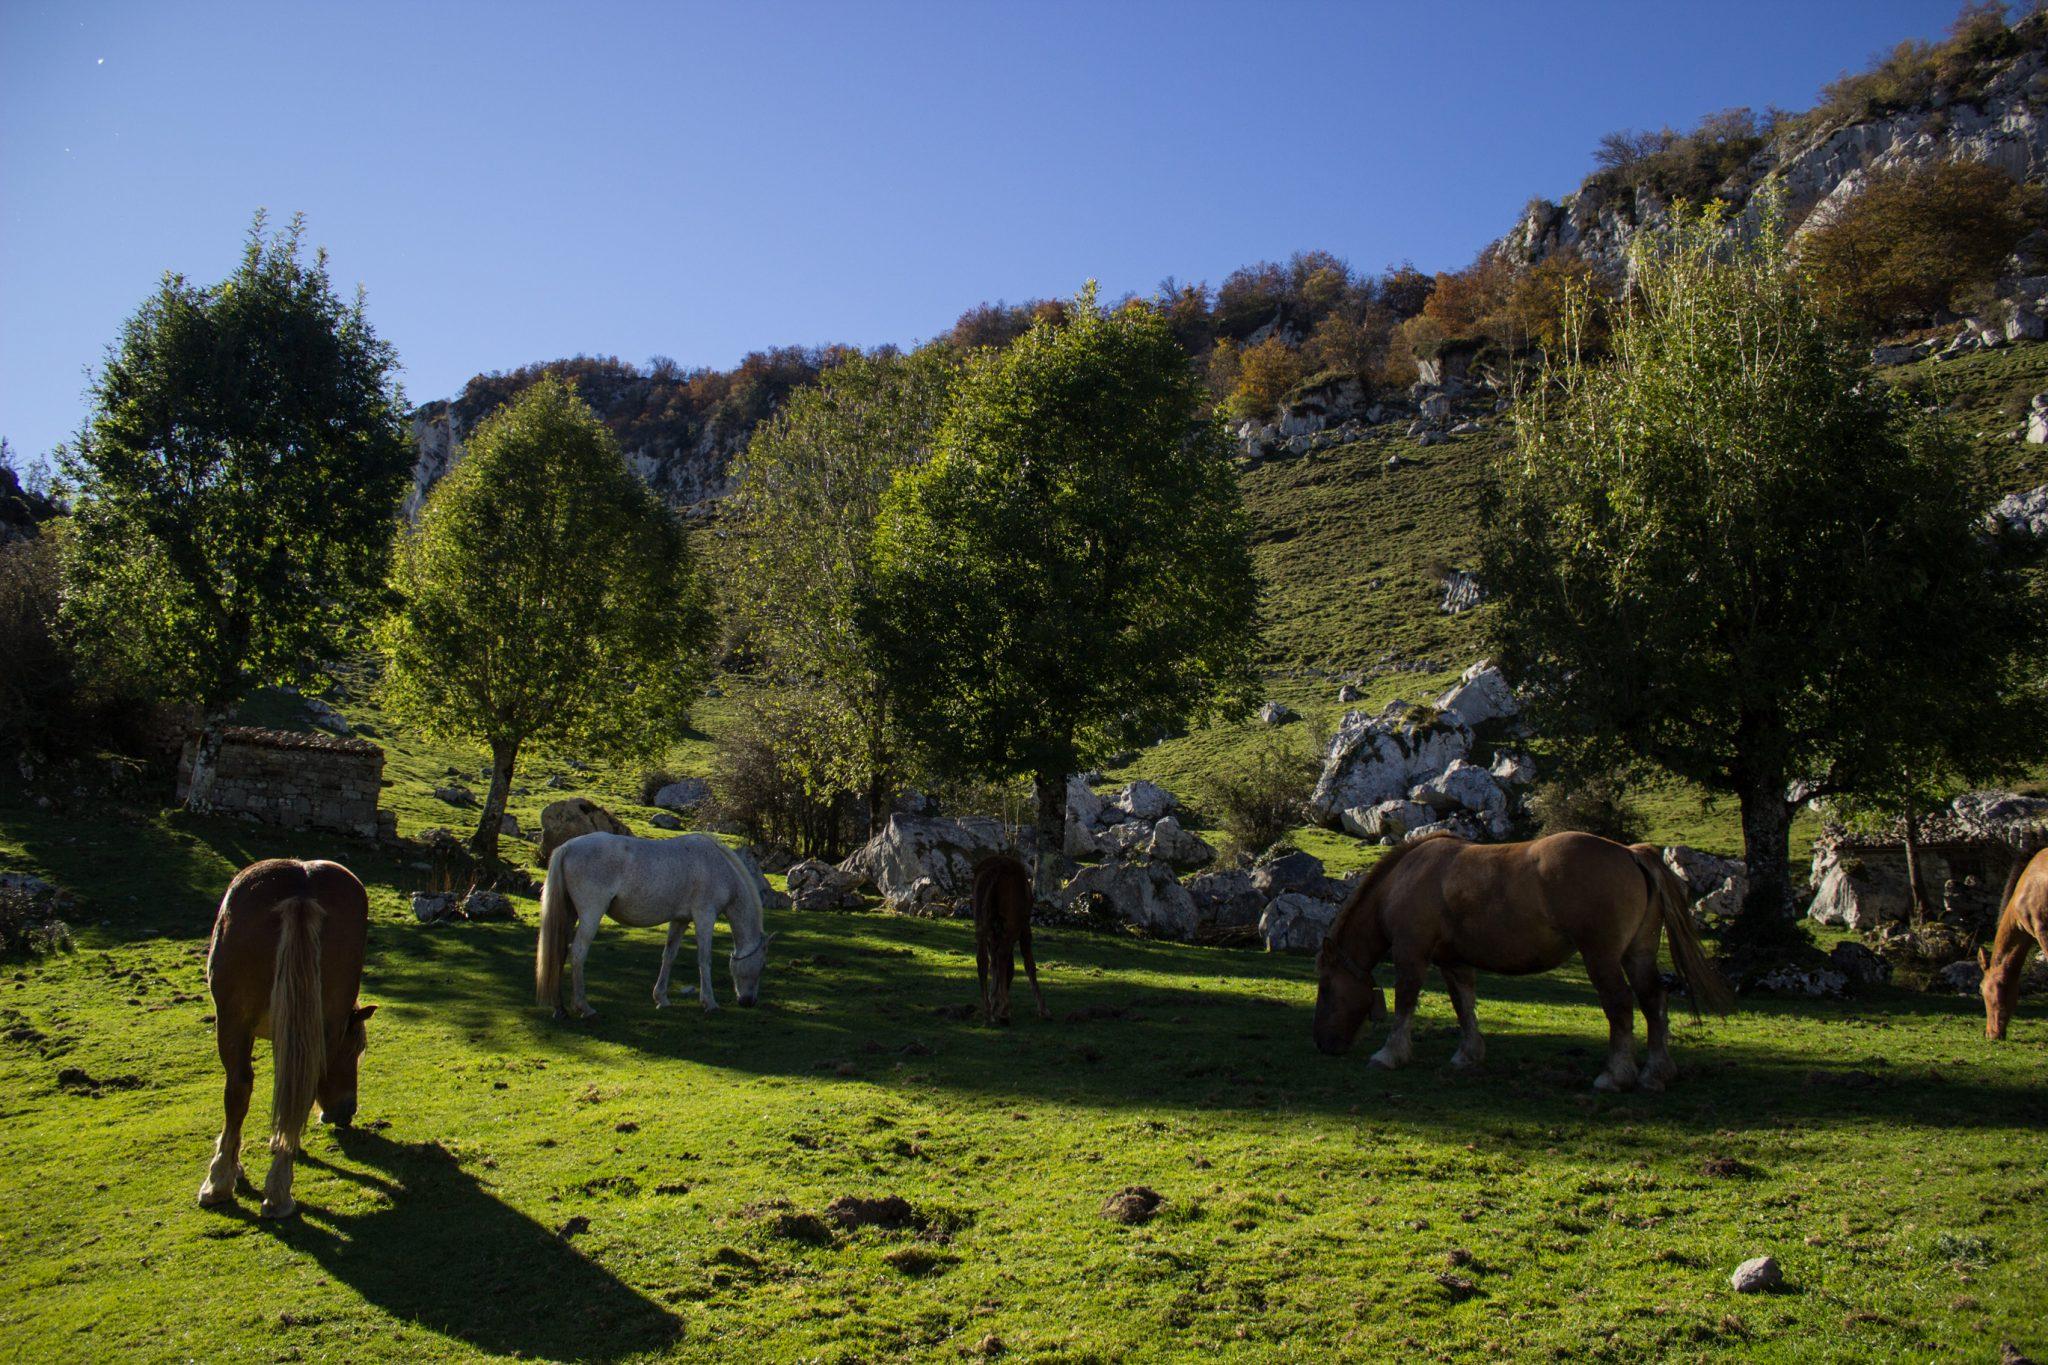 Wanderung Mirador de Ordiales Picos de Europa Spanien, grüne Wiese, Pferde